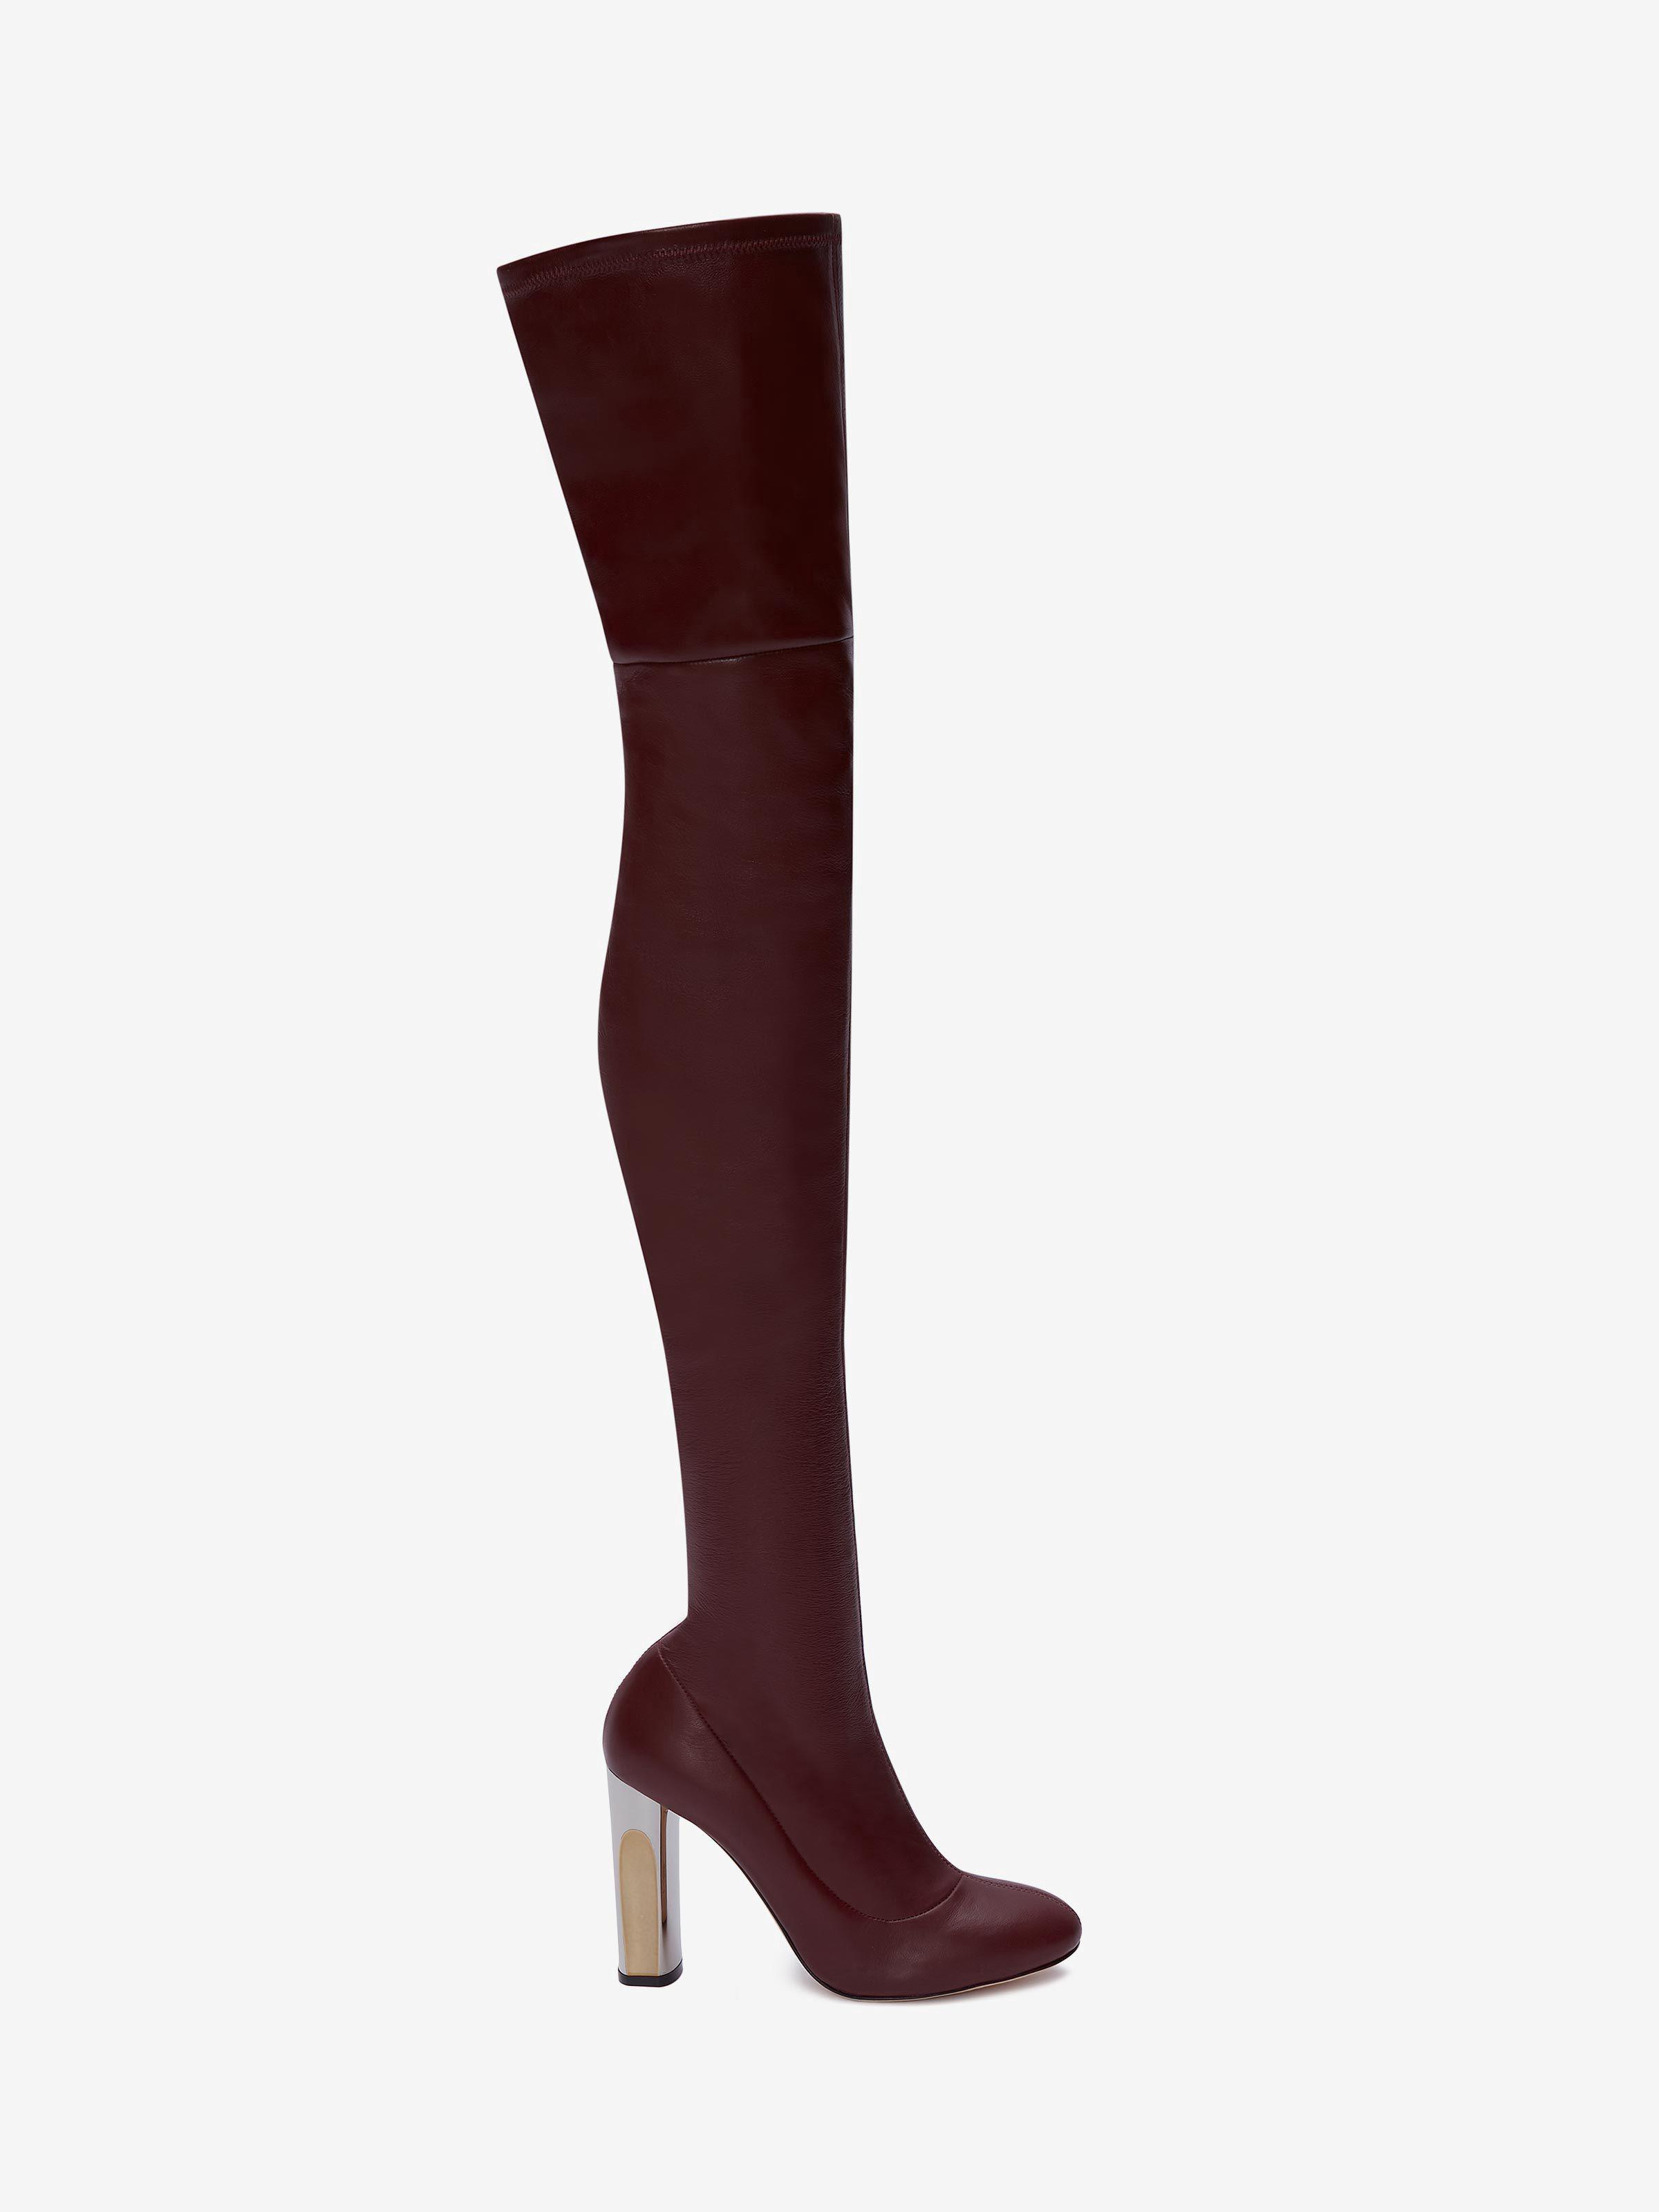 Stretch suede pump 'sculpted' heel | Scarpe